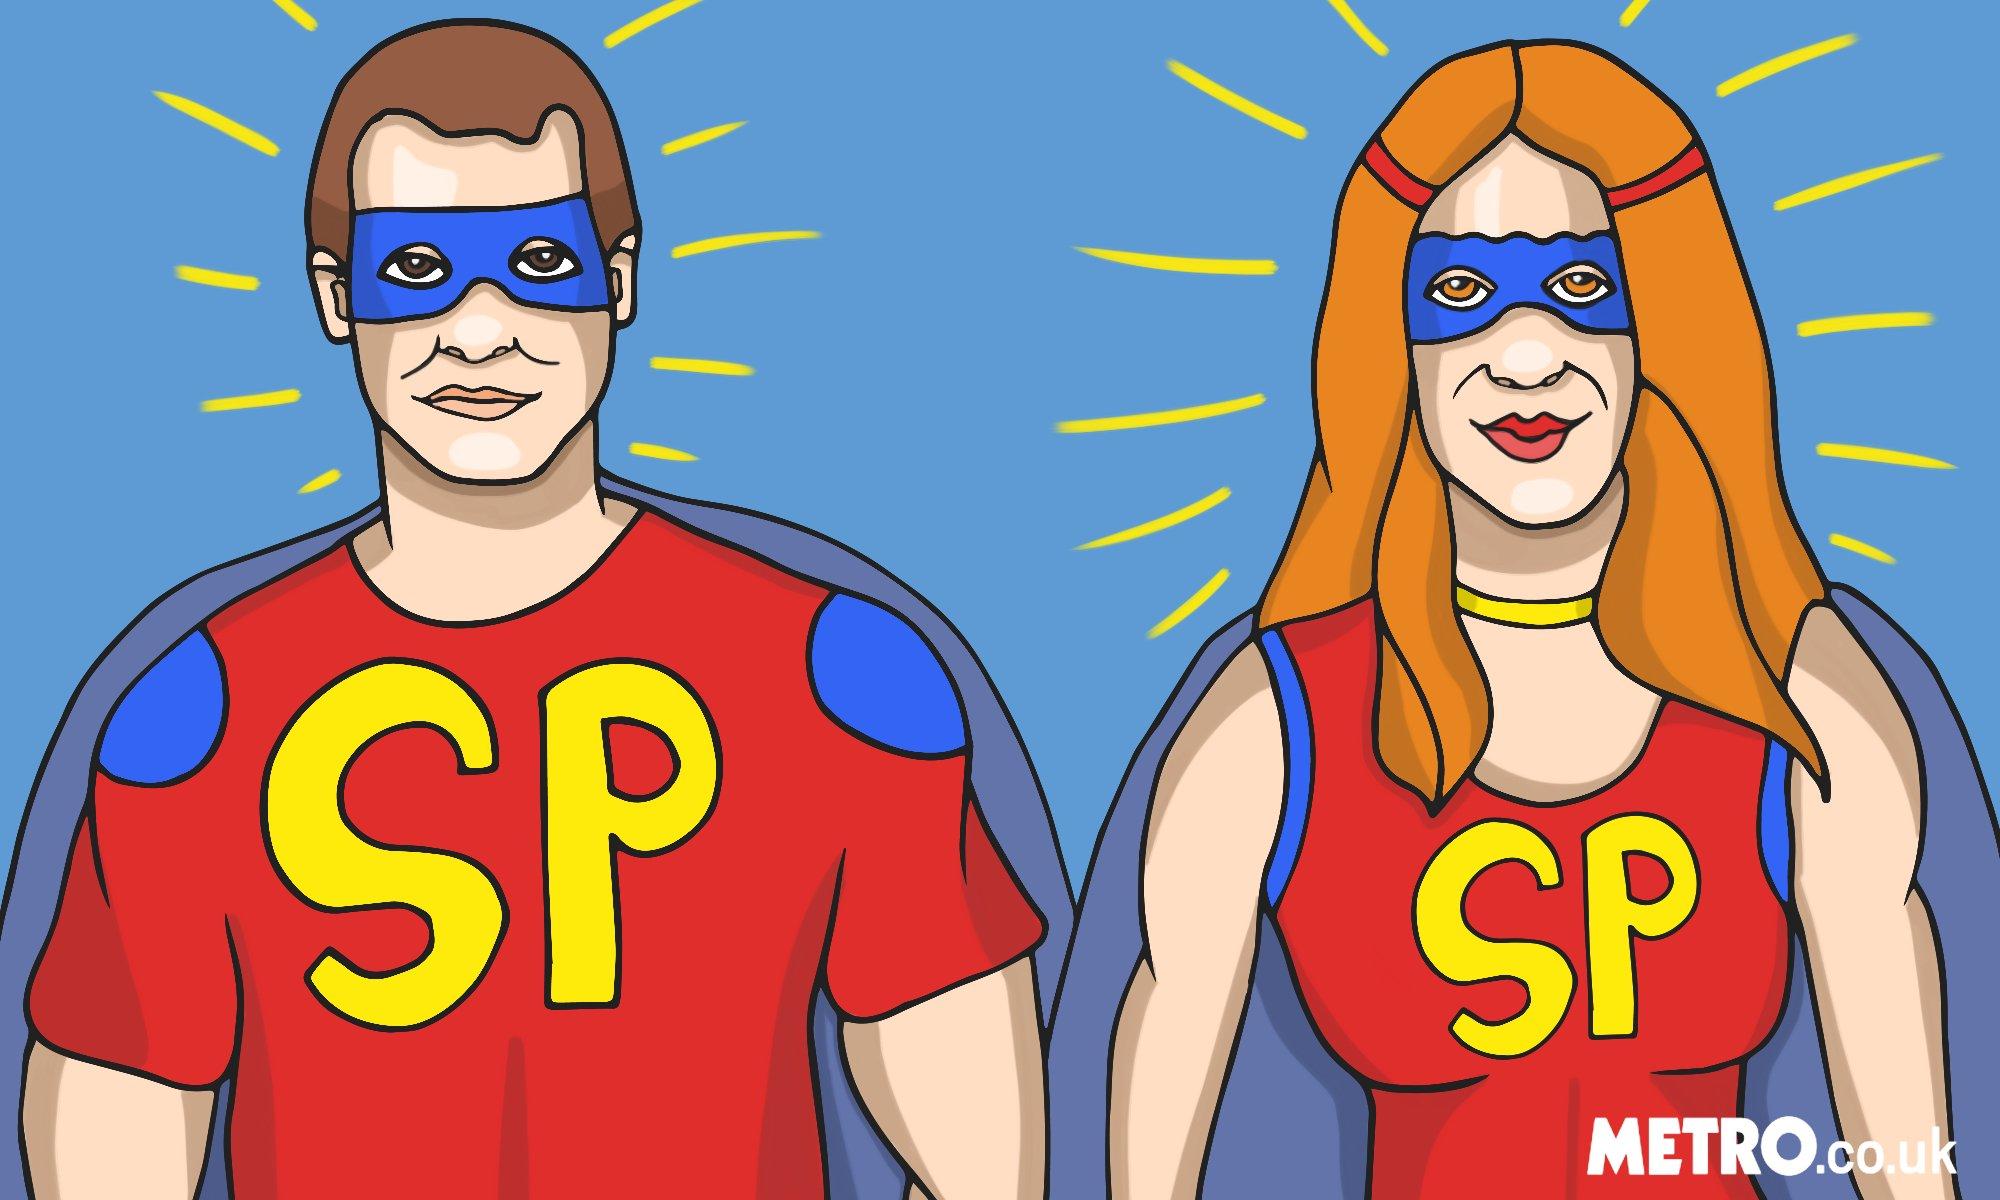 super parent 2 illustration by Monika Mmuffin